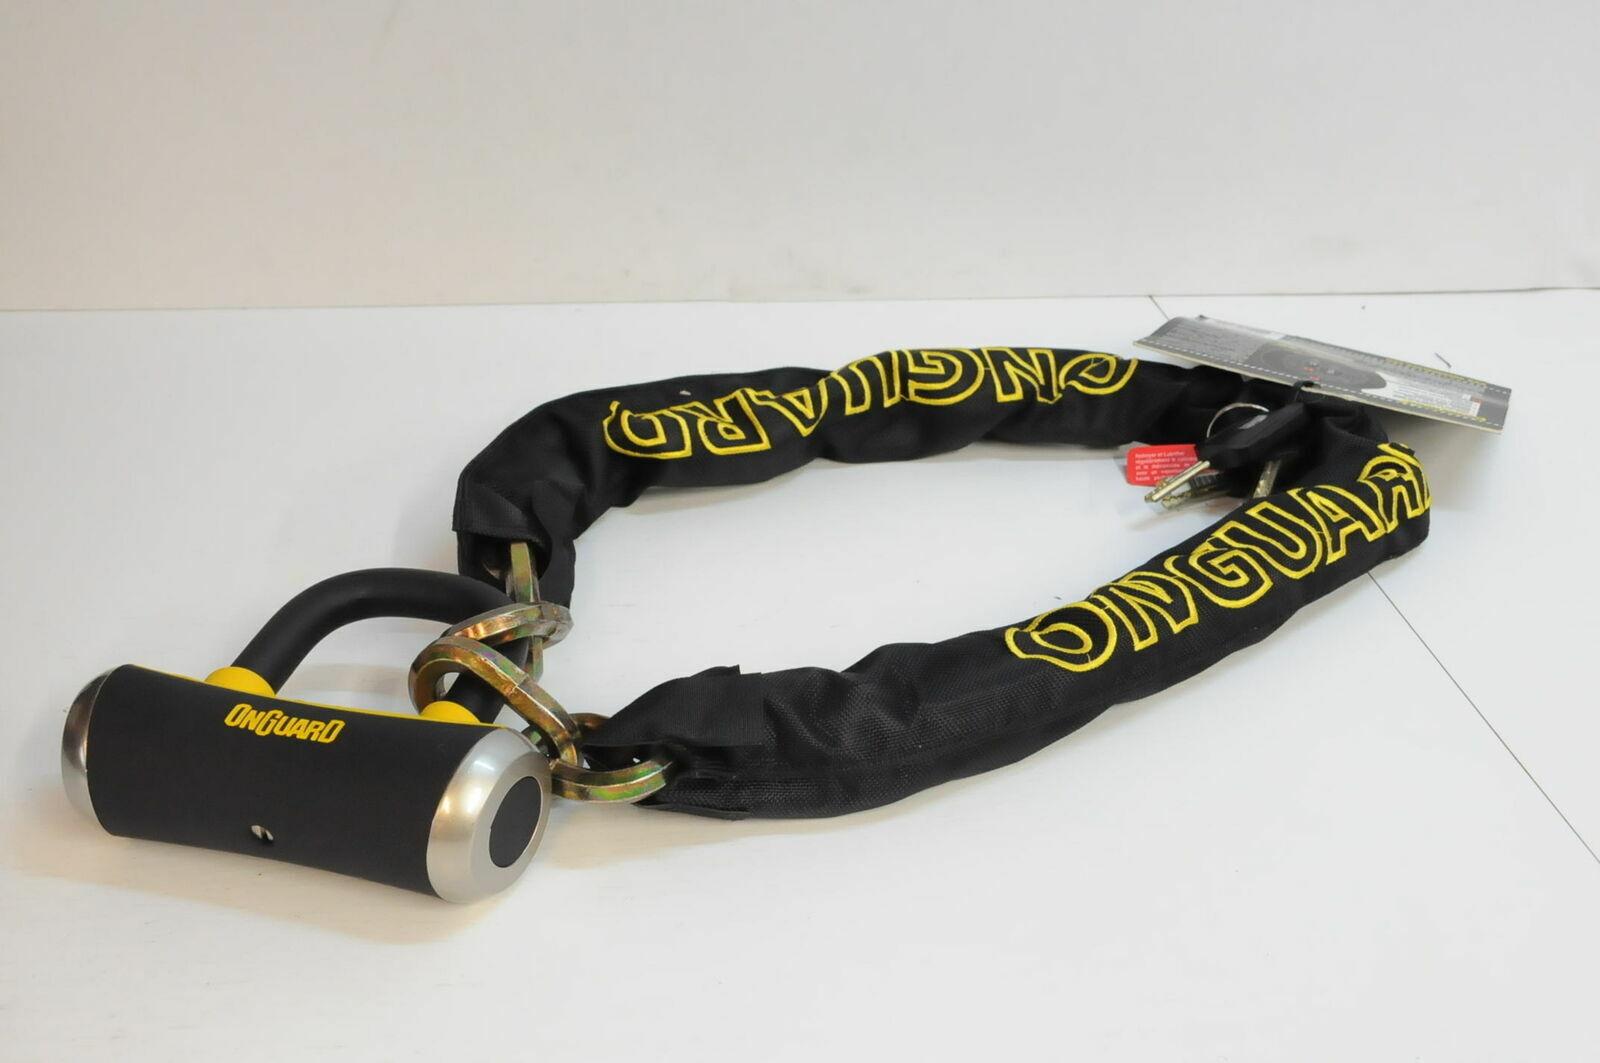 Kette Lock mit X4 Vorhängeschloss Bügelschloss Onguard Beast 18-HX5208 135